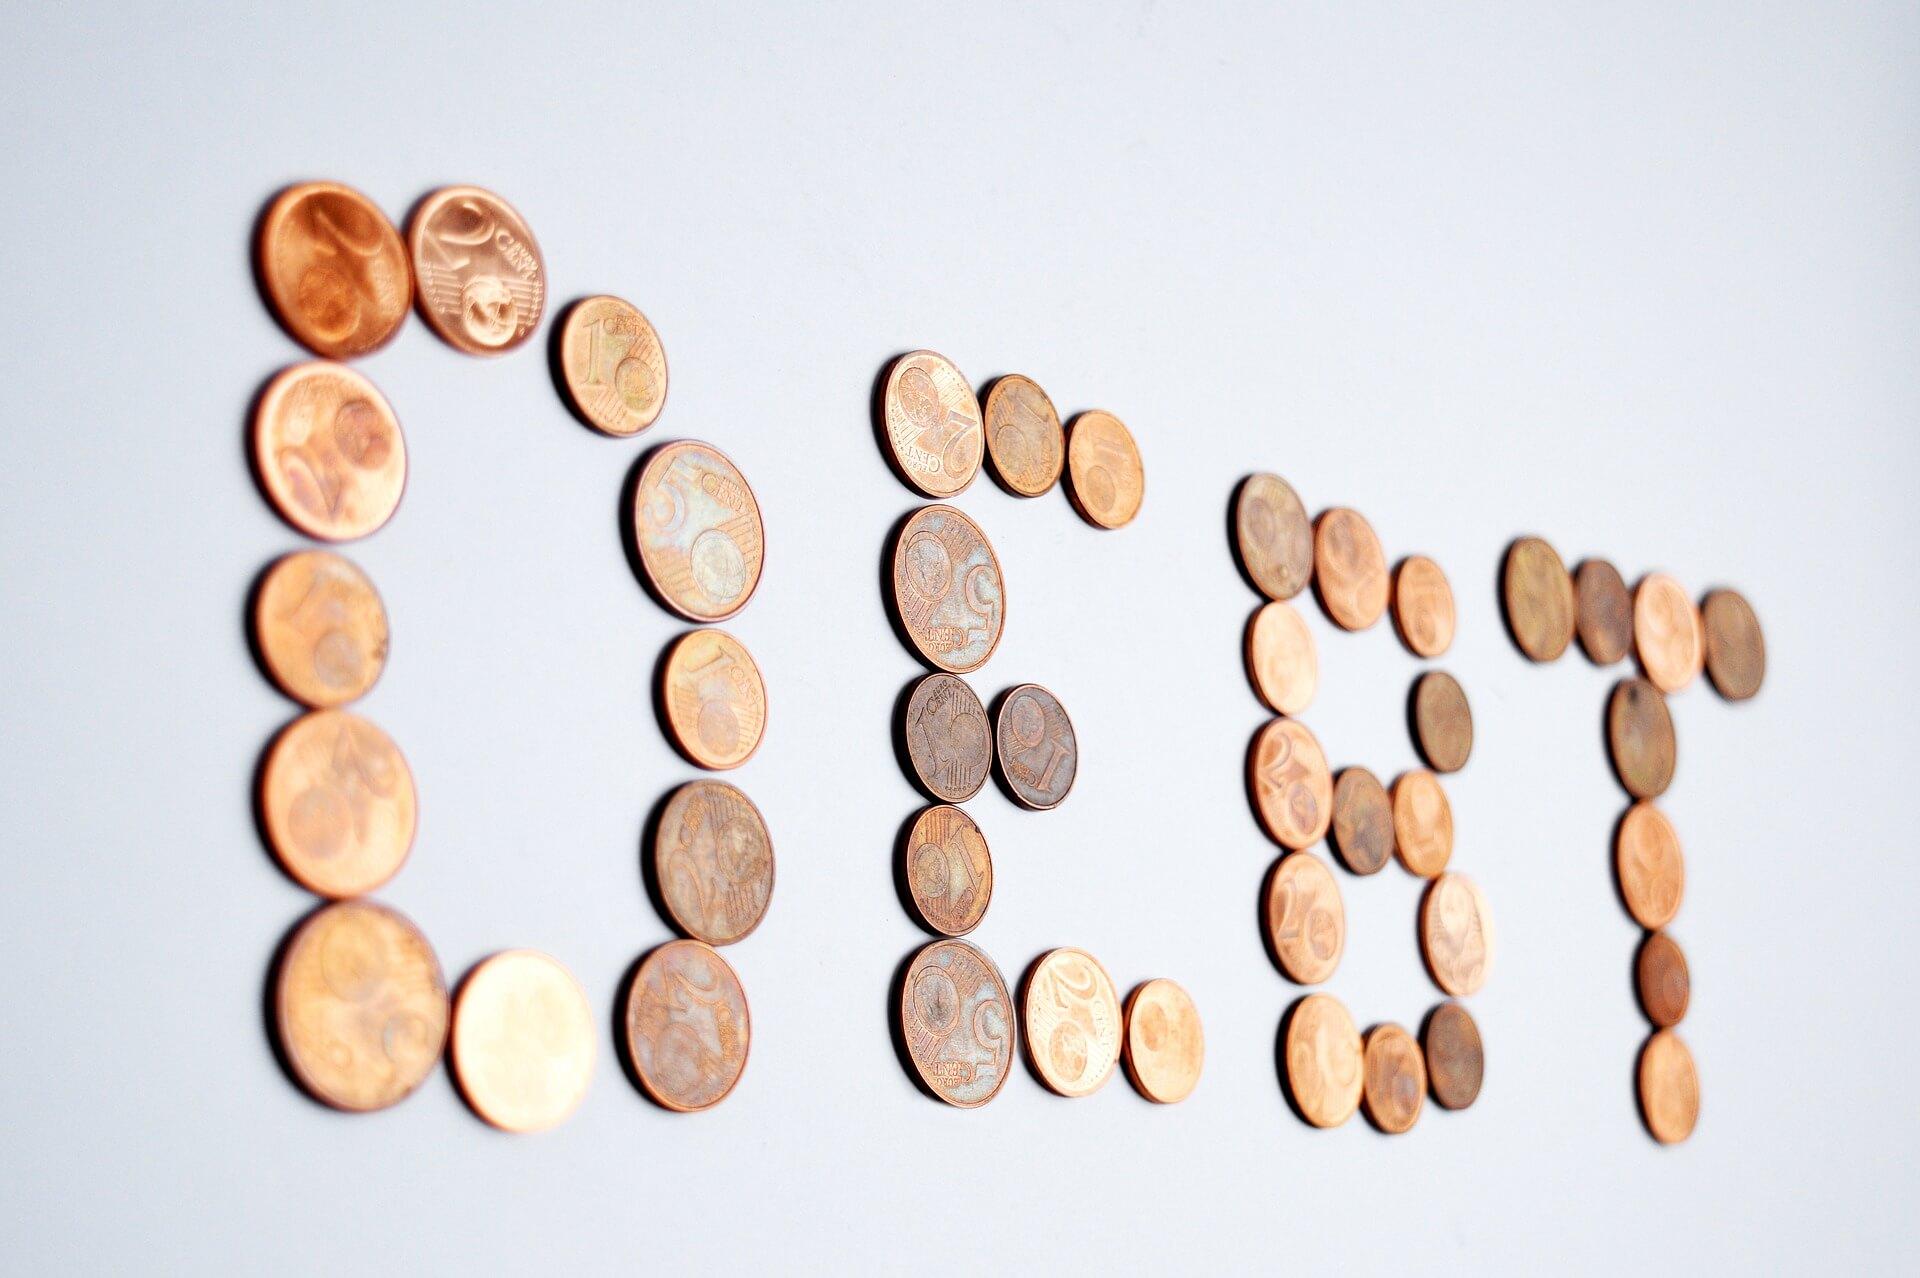 給与ファクタリングは「契約」です。契約前に確認しておくべき項目について